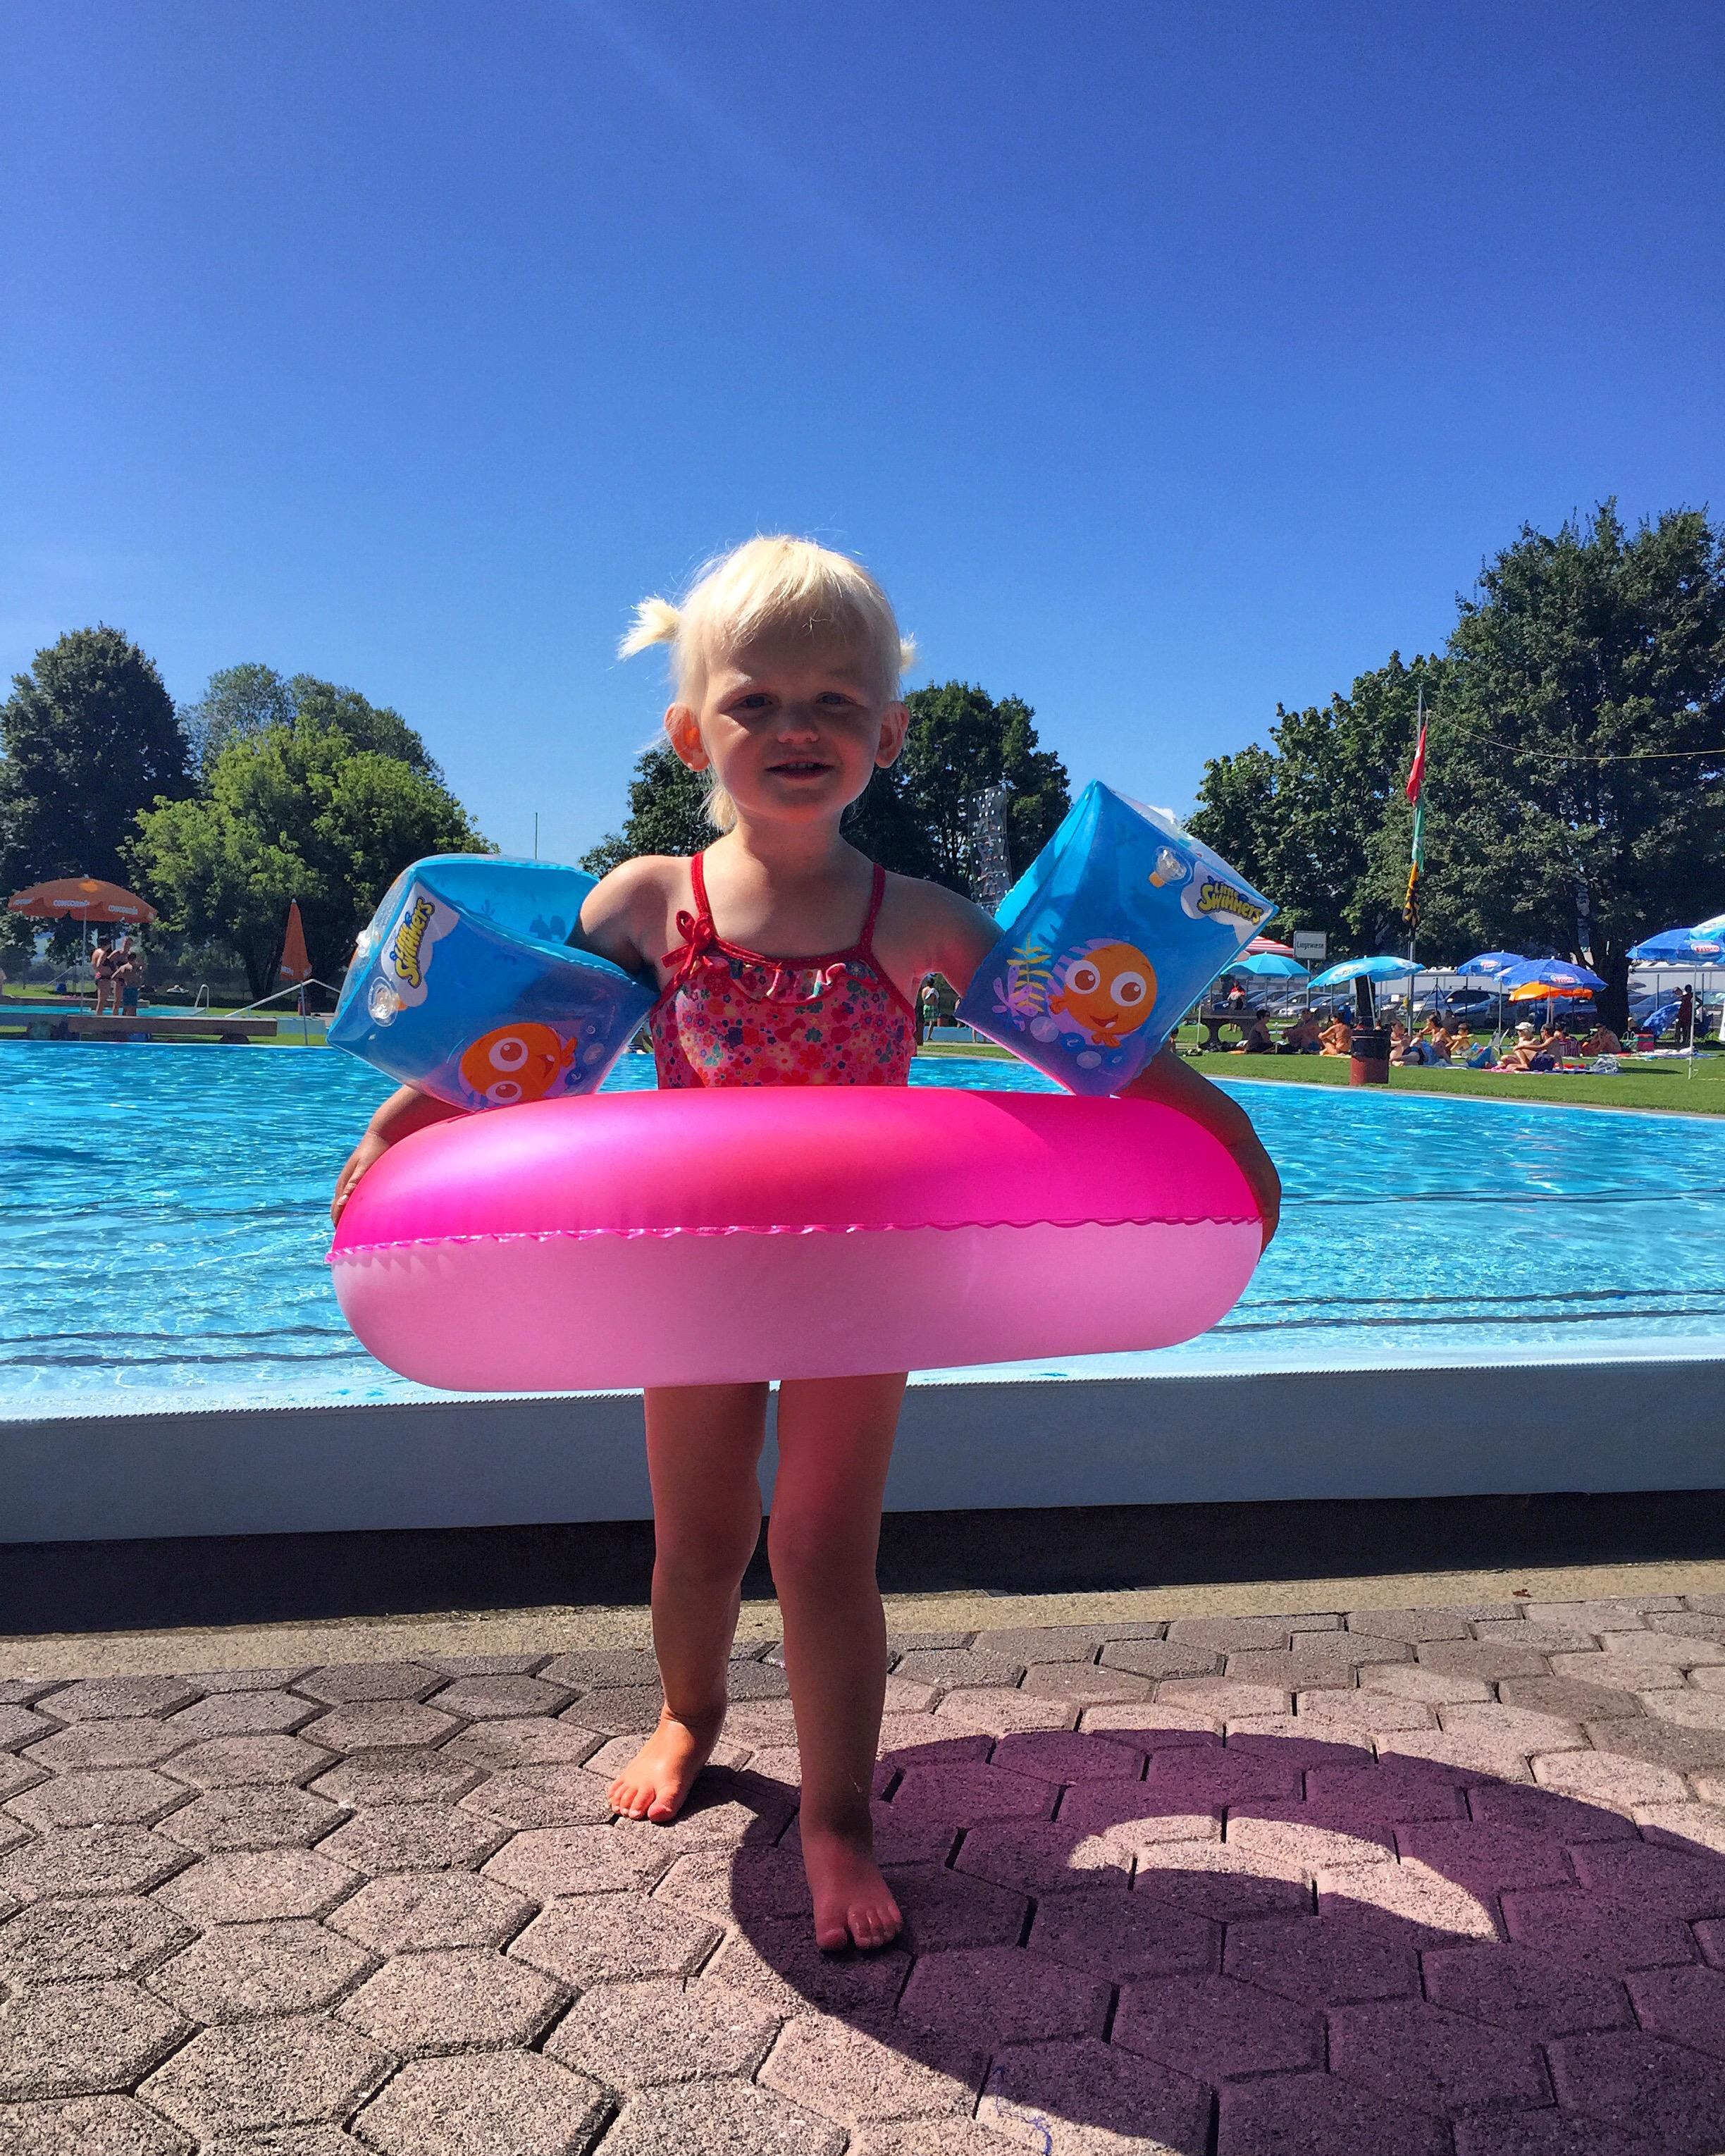 Het was mooi weer en eenmaal aan het zwembad knapte ze gelukkig op!